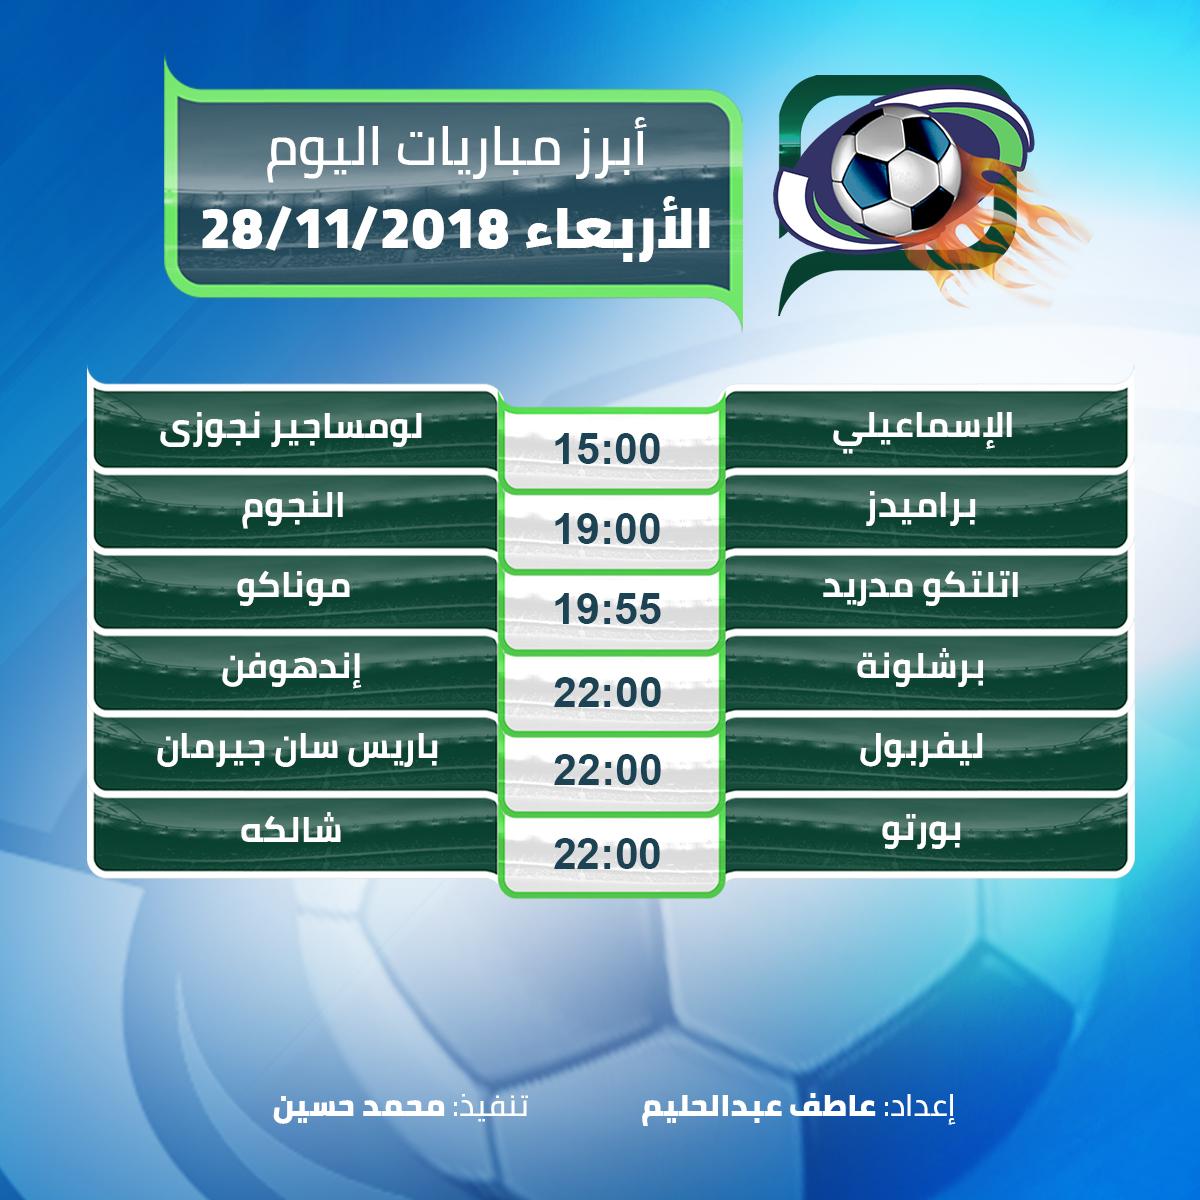 أبرز مباريات اليوم الأربعاء 28/11/2018